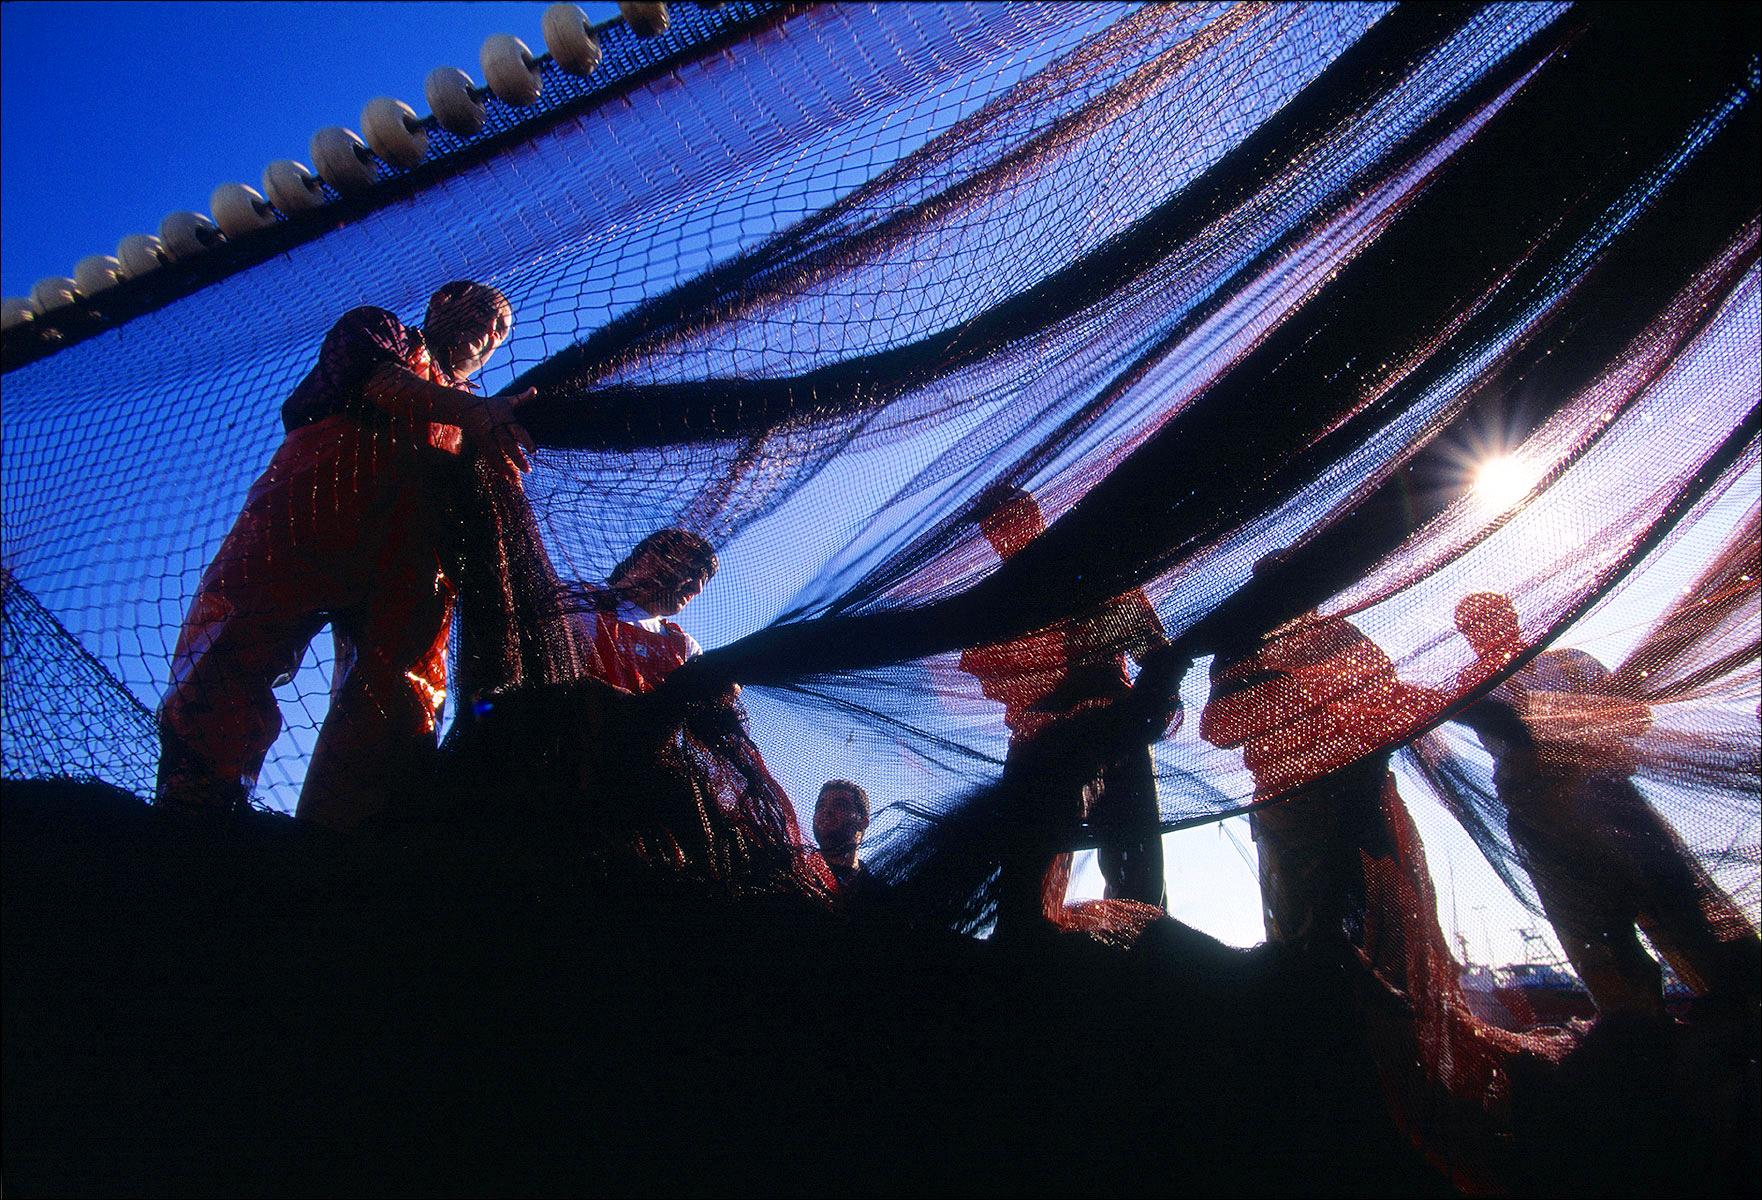 FineArt_09_Fishermen-_-Nets_Barcelona